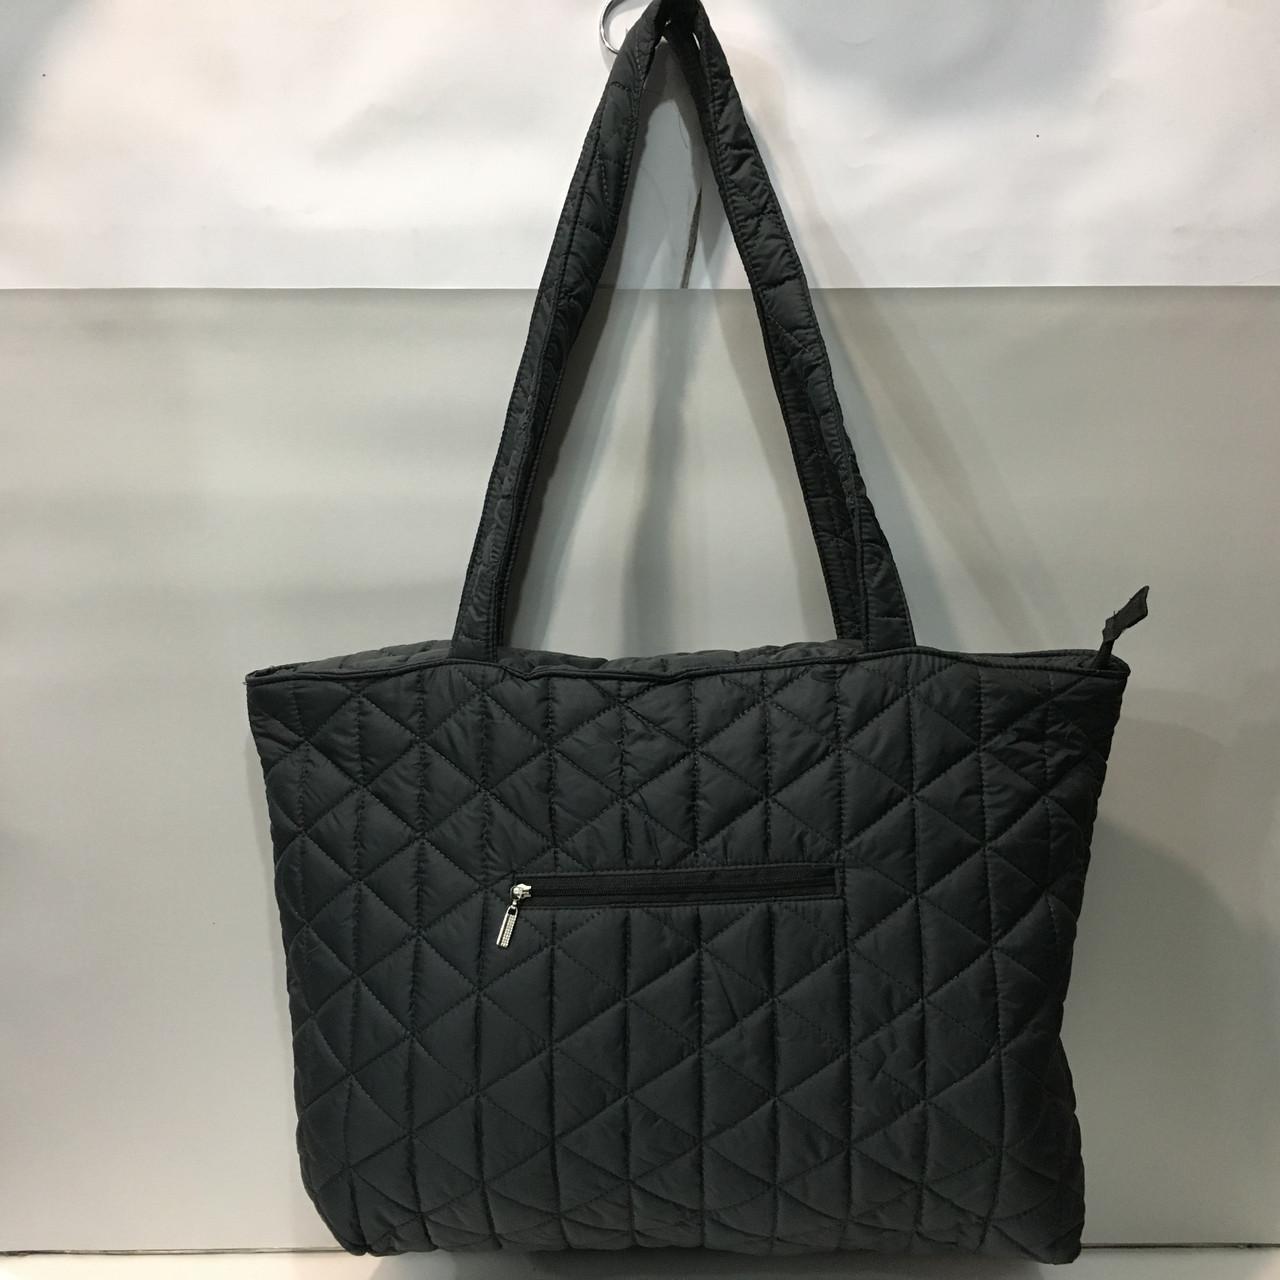 6f0ddd55370d ... фото Стильная стеганая болоньевая сумка. Модная женская сумка. Удобная,  вместительная сумка оптом, фото